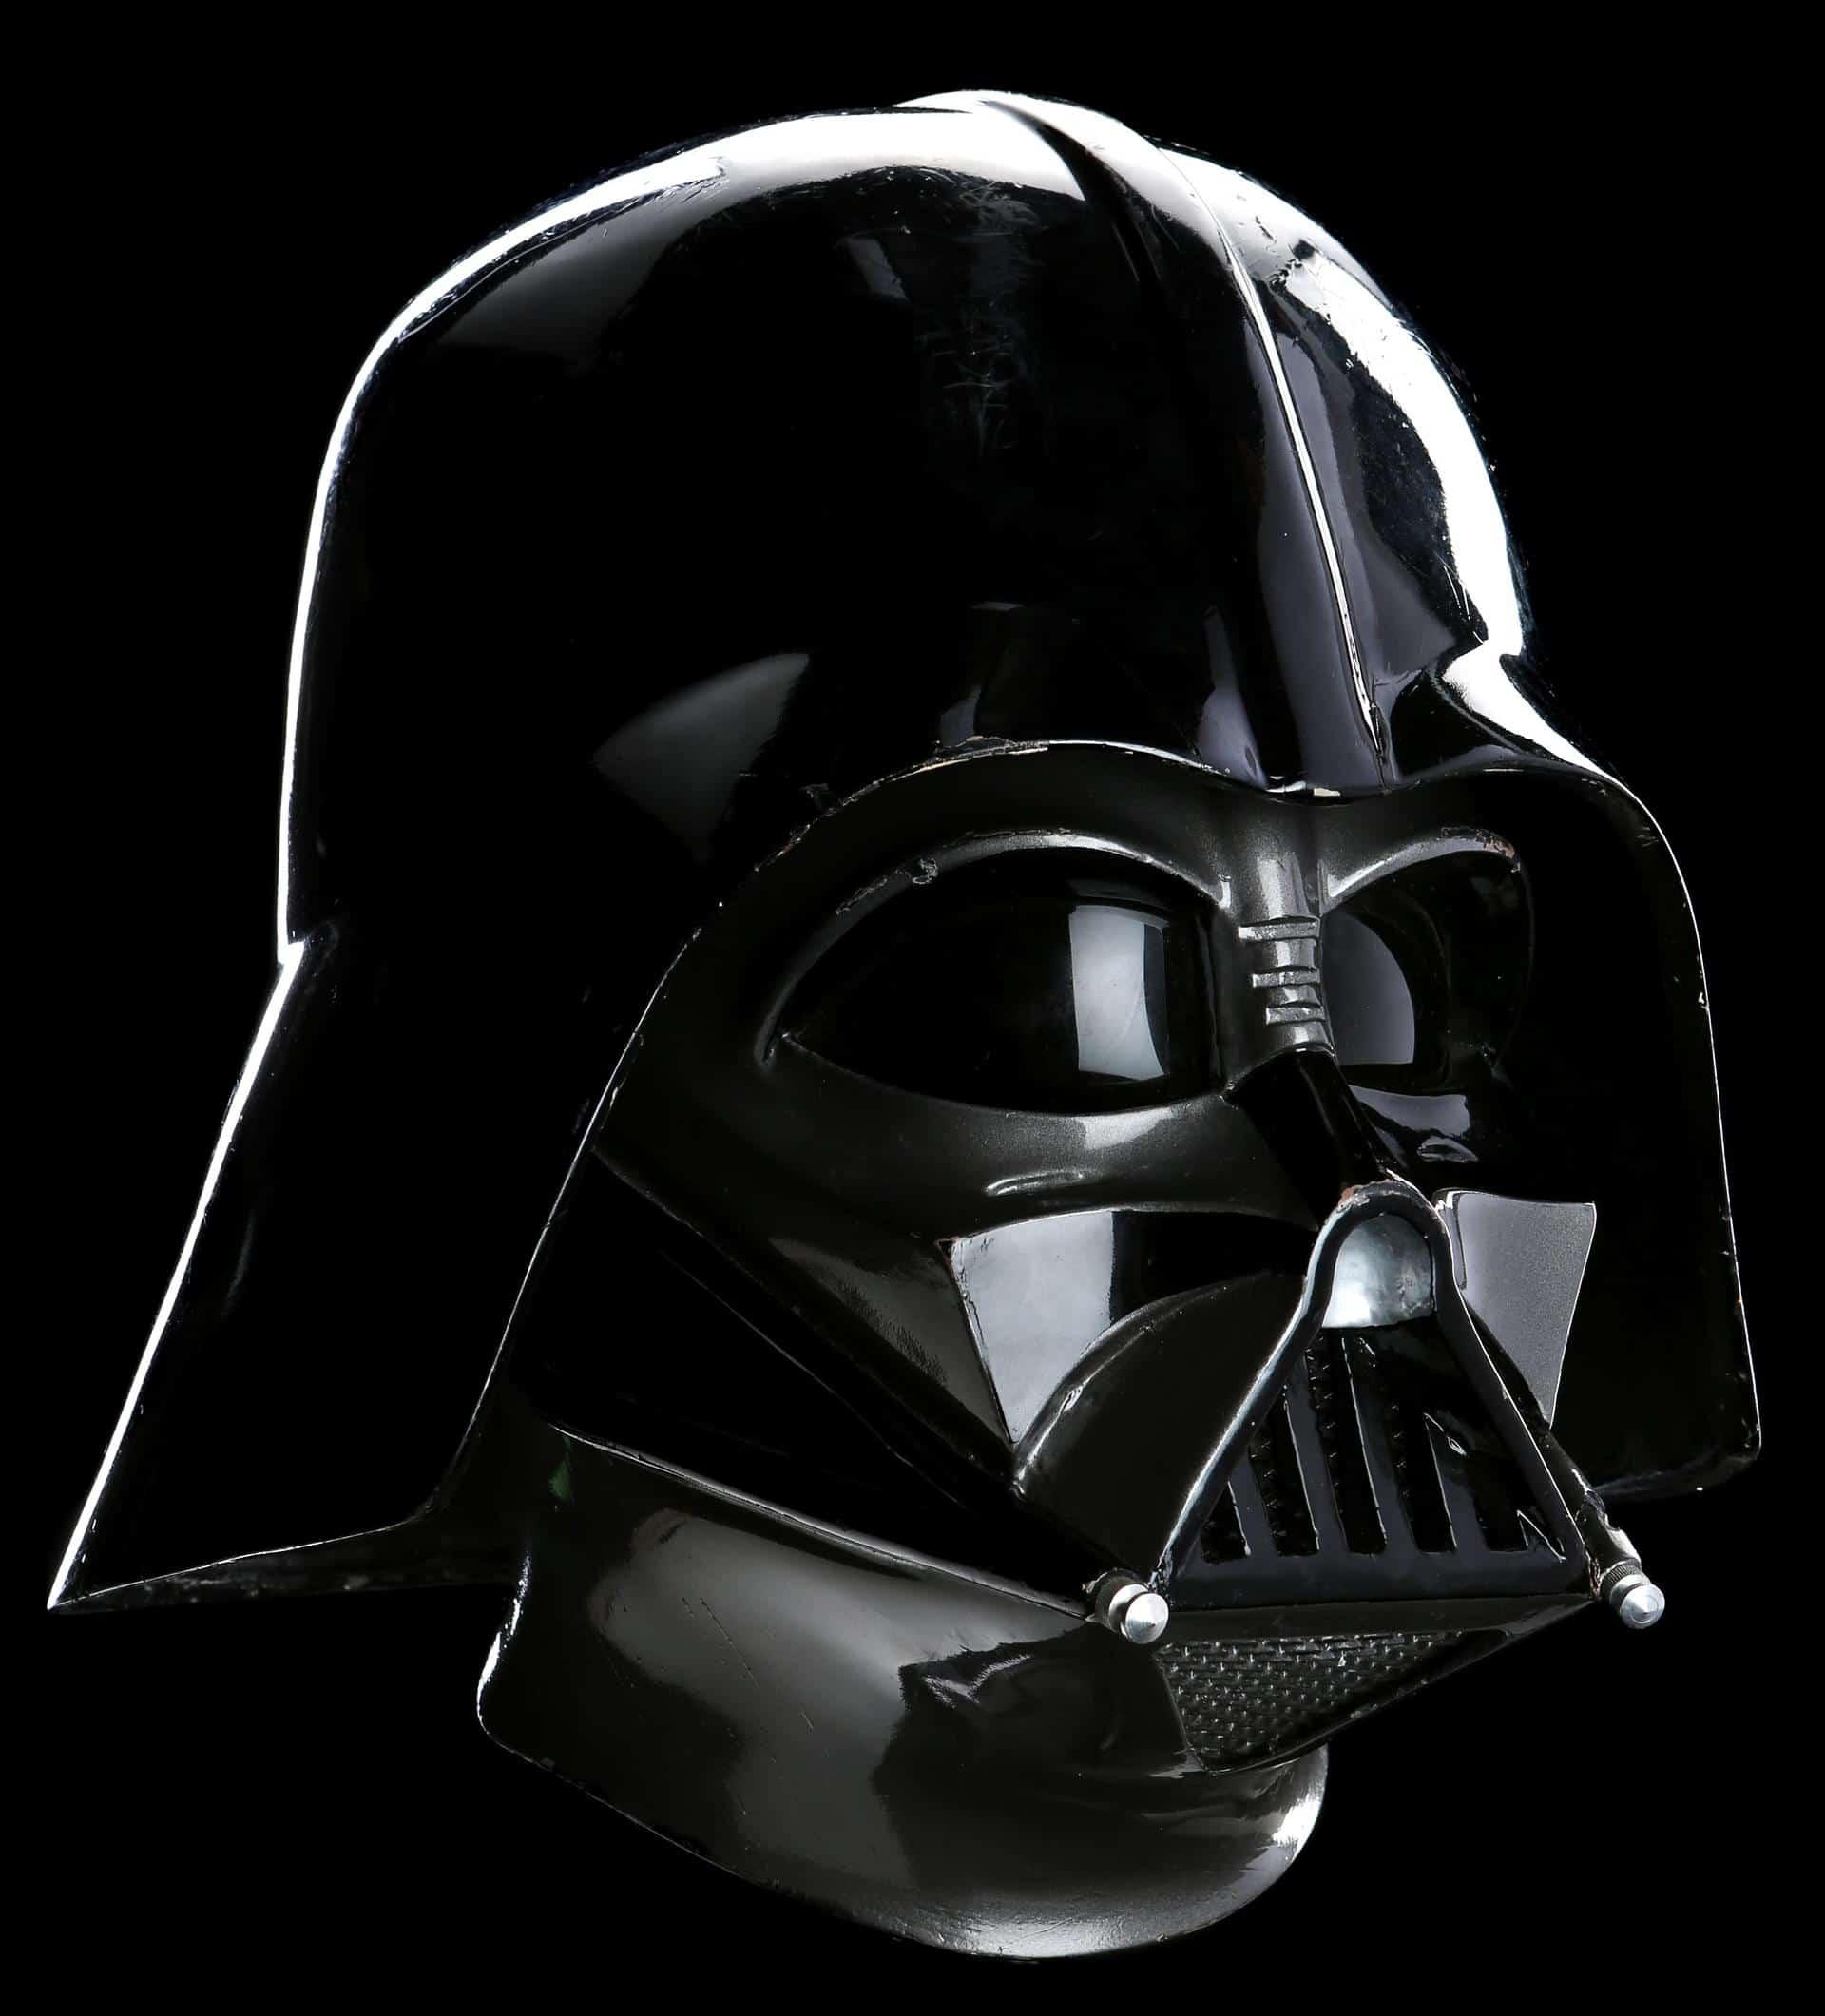 Itens dos filmes de Star Wars serão leiloados!